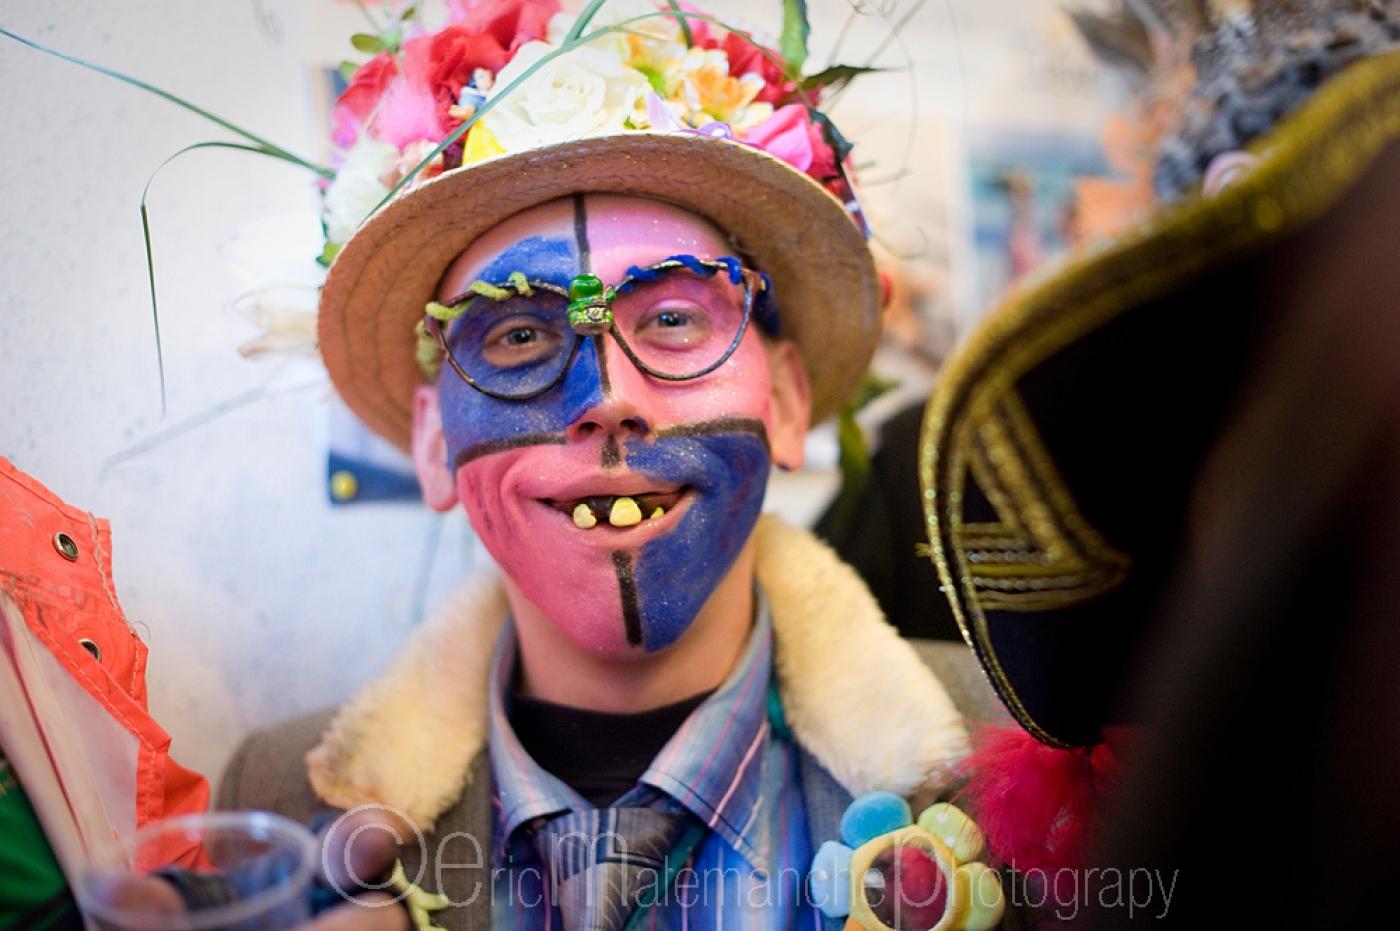 http://www.ericmalemanche.com/imagess/topics/carnaval-de-dunkerque/liste/Carnaval-Dunkerque-0311.jpg